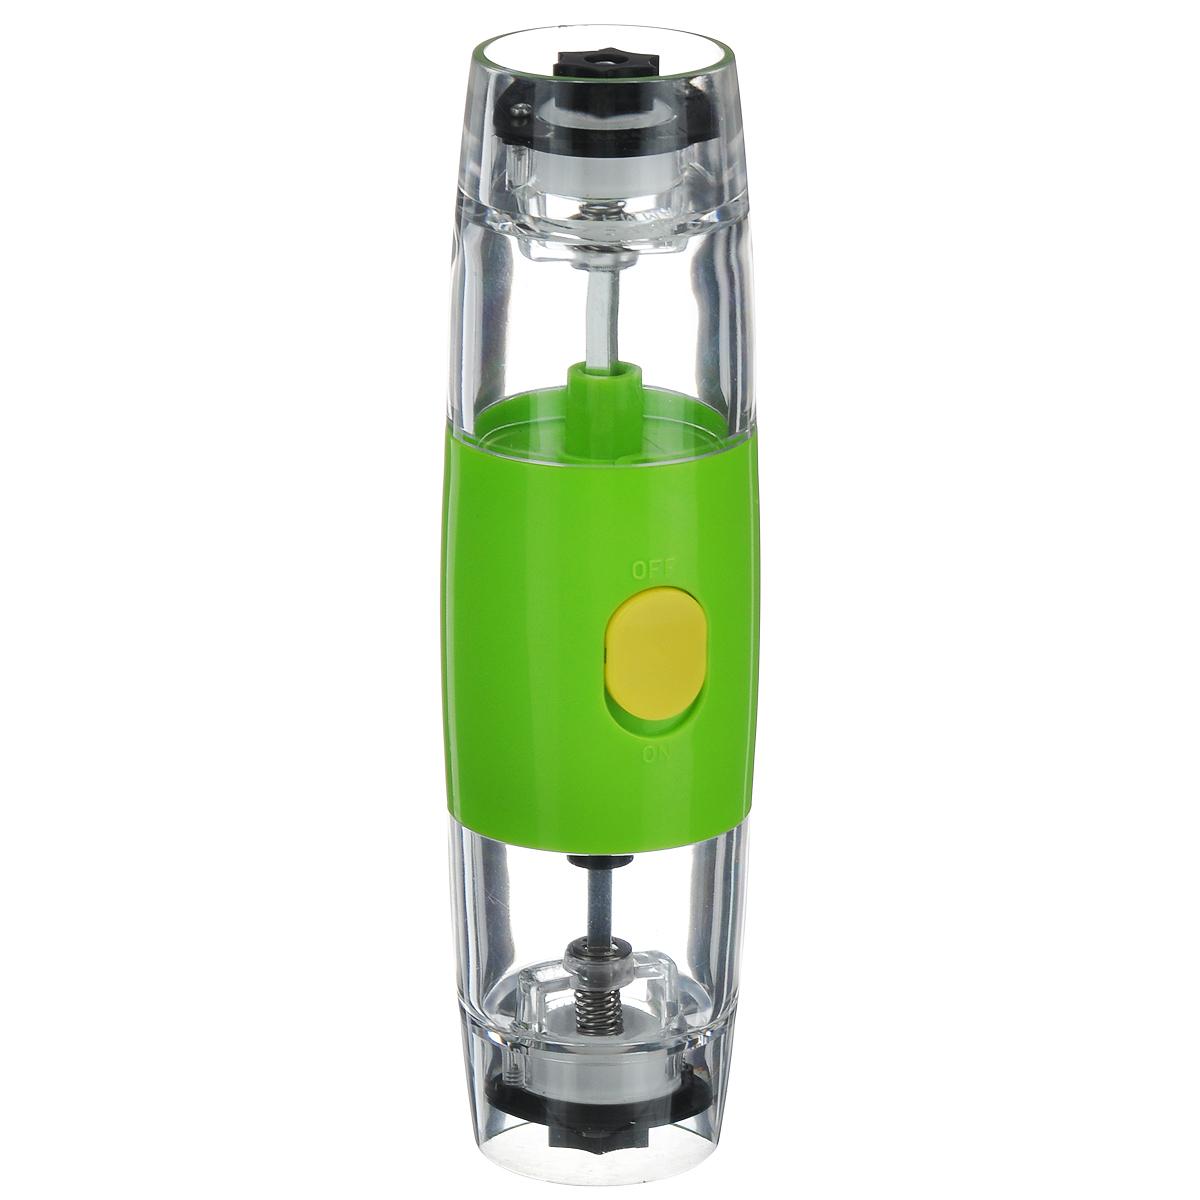 Электрическая мельница для соли и перца Mayer&Boch 2416724165Электрическая мельница Mayer&Boch - это просто незаменимая вещь на кухне любой современной хозяйки. Электрическая мельница с легкостью справится с горошинами перца или крупными кристаллами соли. Надежный и прочный механизм мельницы запускается при нажатии на кнопку. Мельница имеет регулировку степени измельчения. С такой удобной и функциональной мельницей, приготовление и употребление пищи переходит на качественно новый уровень. Работает от батареек АAА (не входят в комплект).Мельница электрическая МВ (х24).Цвет: зеленый, прозрачный, черный.Материал корпуса: керамика.Внутренняя стенка: АБС-пластик.Контейнер: акрил.Поверхность: АБС-пластик. Мелющий механизм: нержавеющая сталь. Тип питания: 4 батарейки типа АА.Размер упаковки: 6,3 х 6,3 х 21 см.